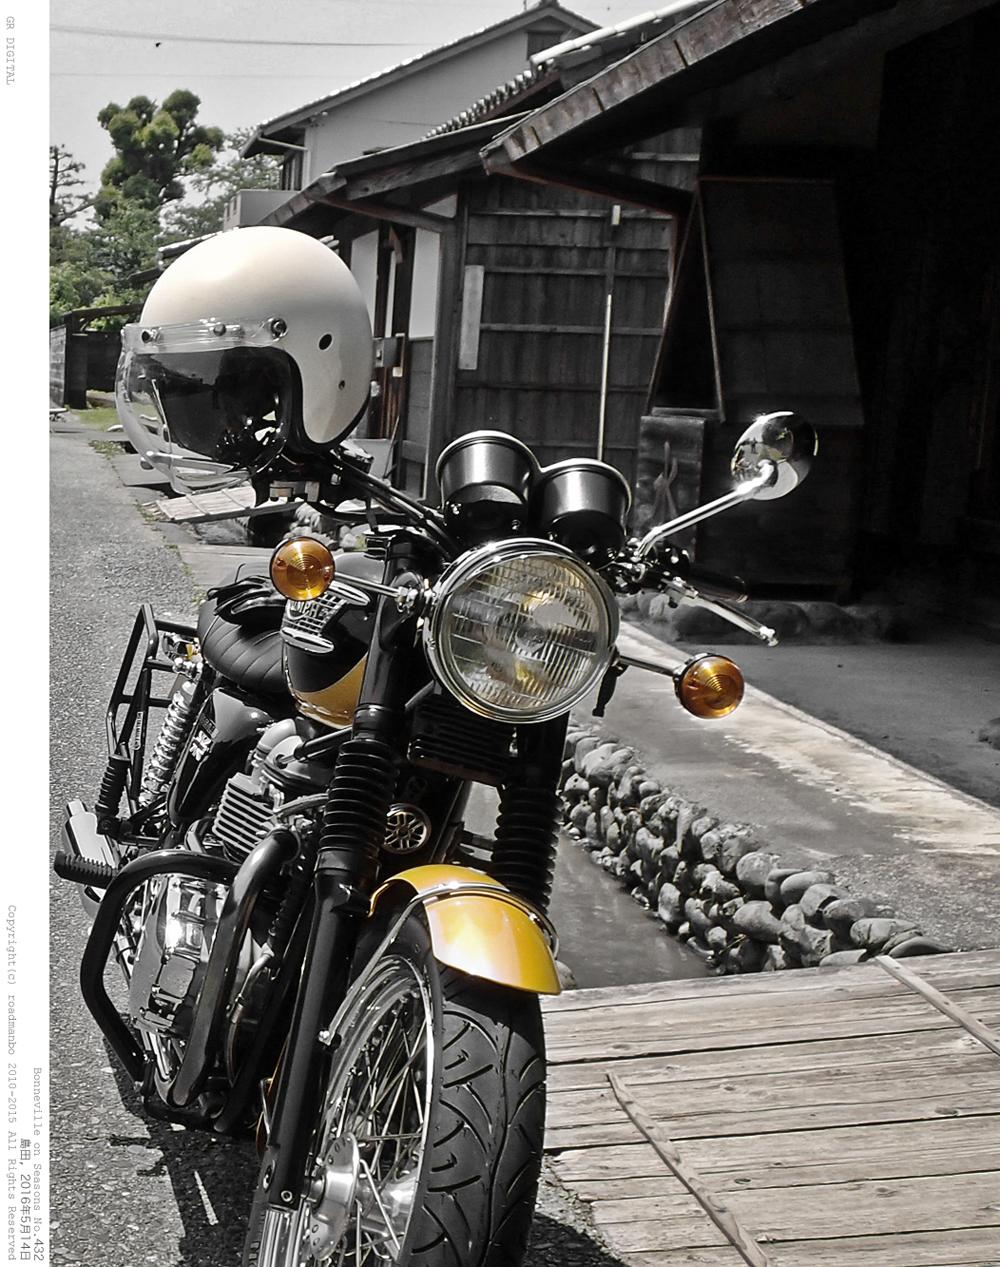 ボンネビル寸景 #432: 島田宿川越遺跡